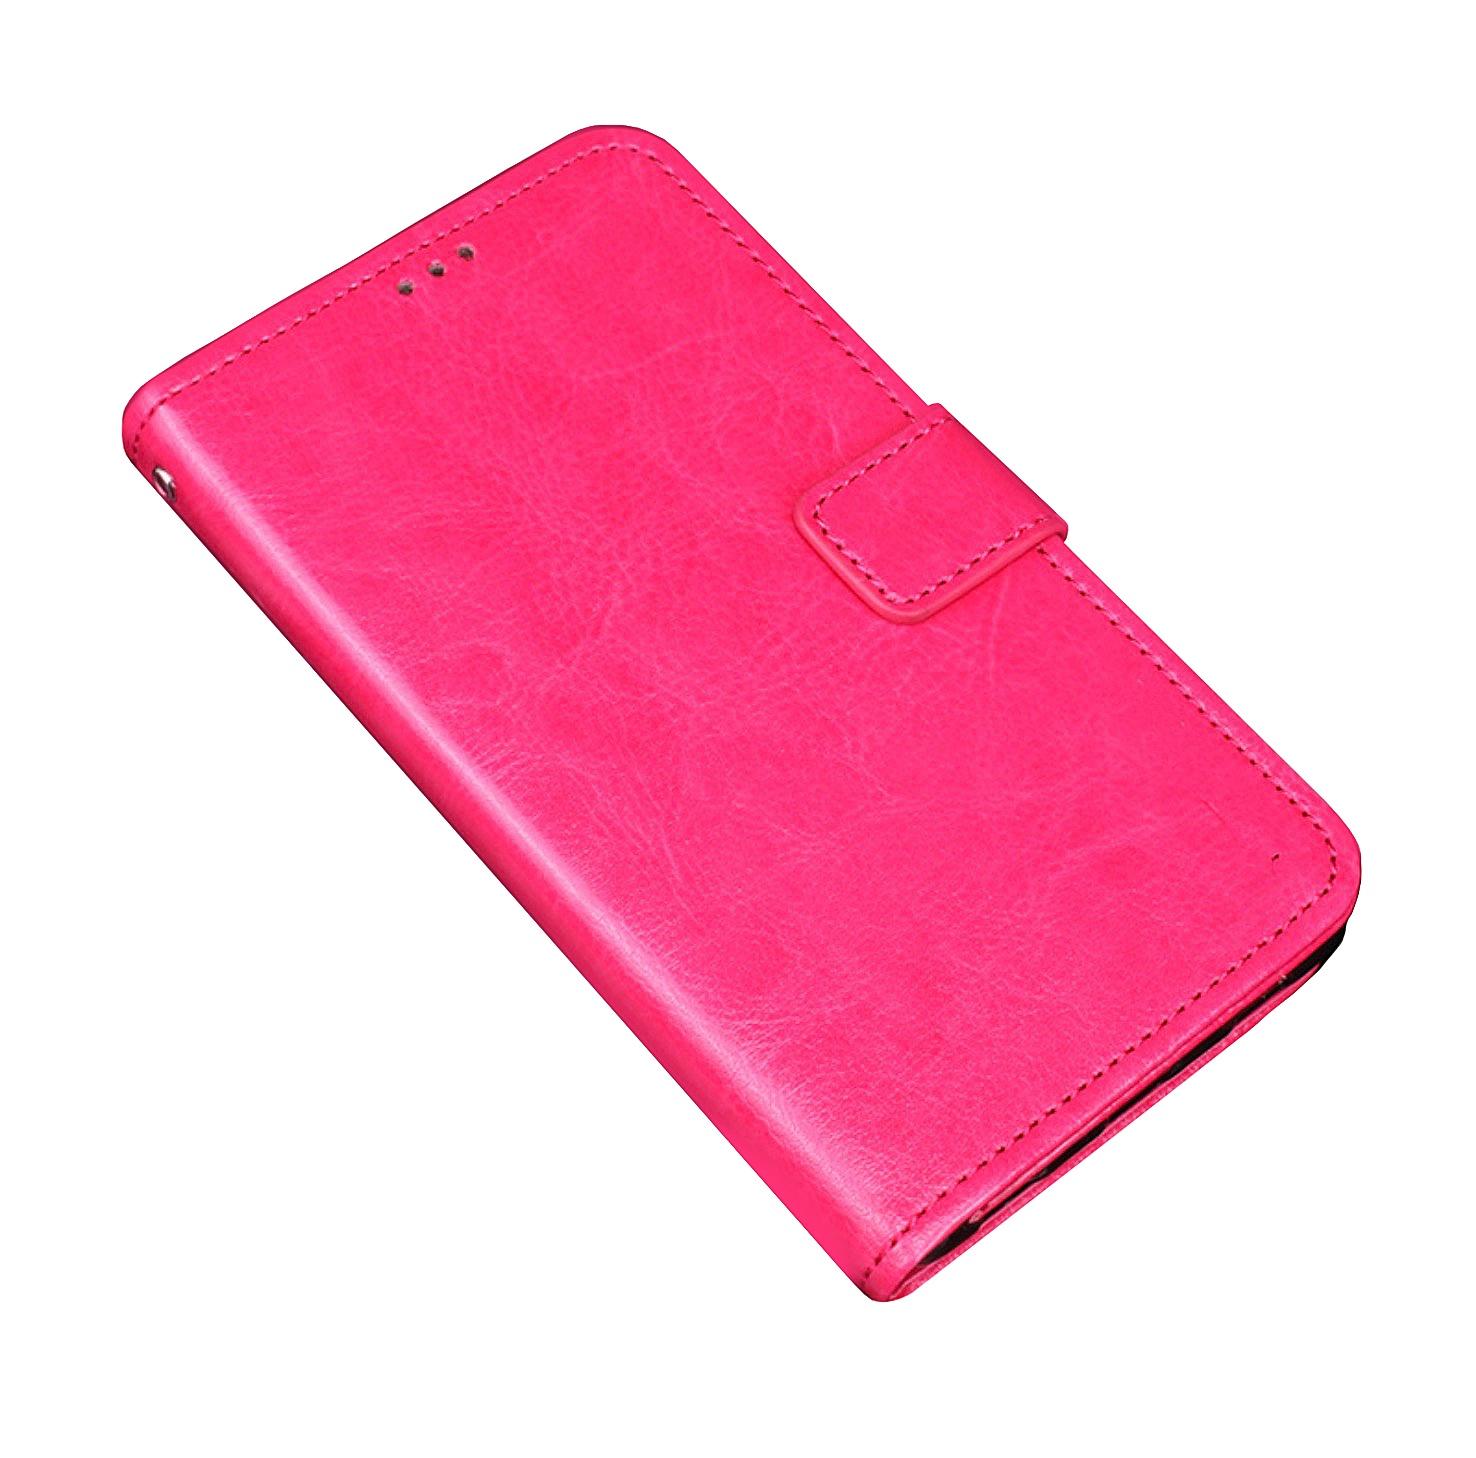 Чехол-книжка MyPads для ZTE Nubia Z17 mini 5.2 (NX569J/H)  с мульти-подставкой застёжкой и визитницей розовый